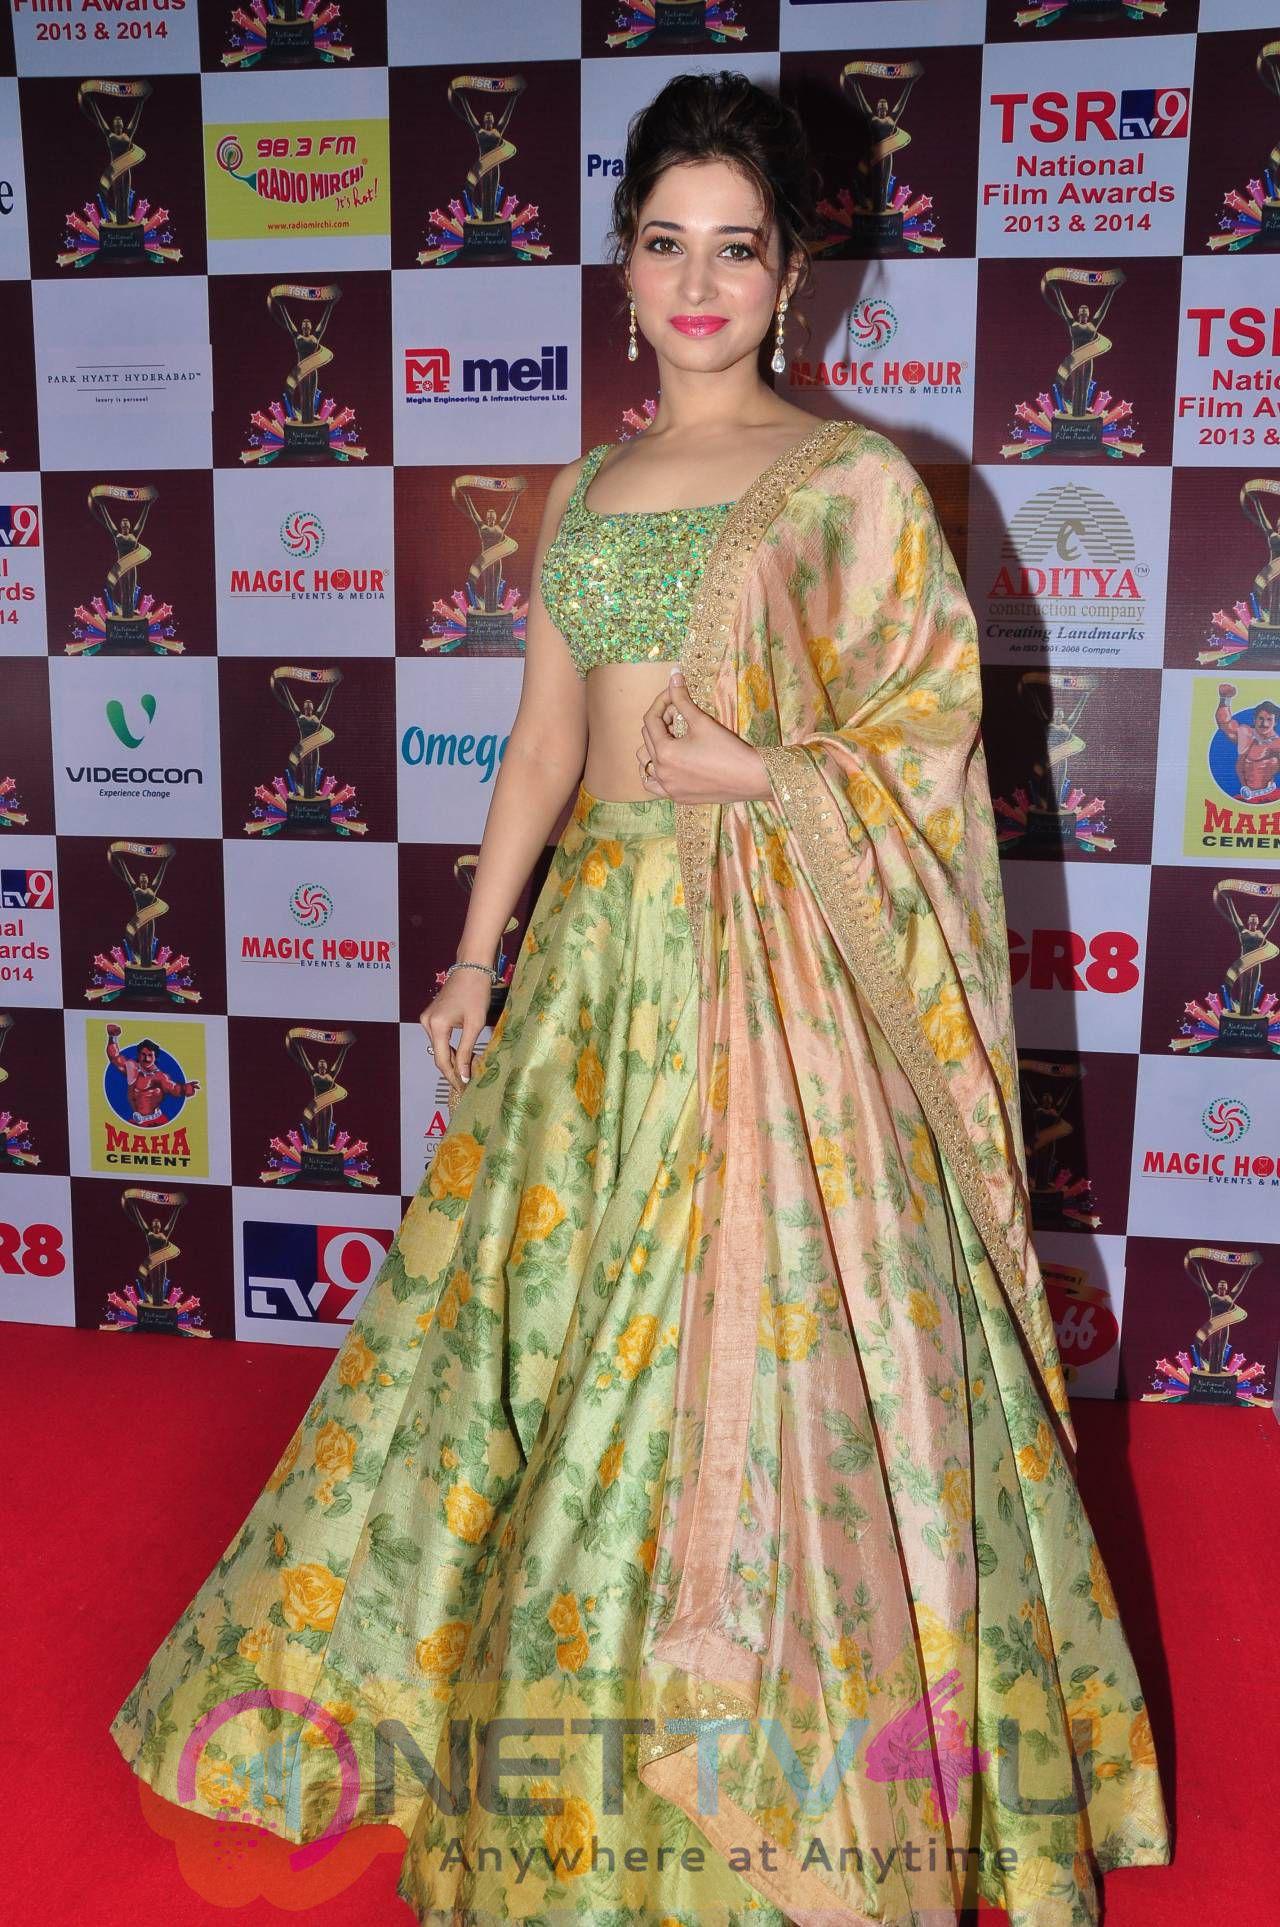 Cool Photos Of Actress Tamanna At TSR TV9 National Film Awards